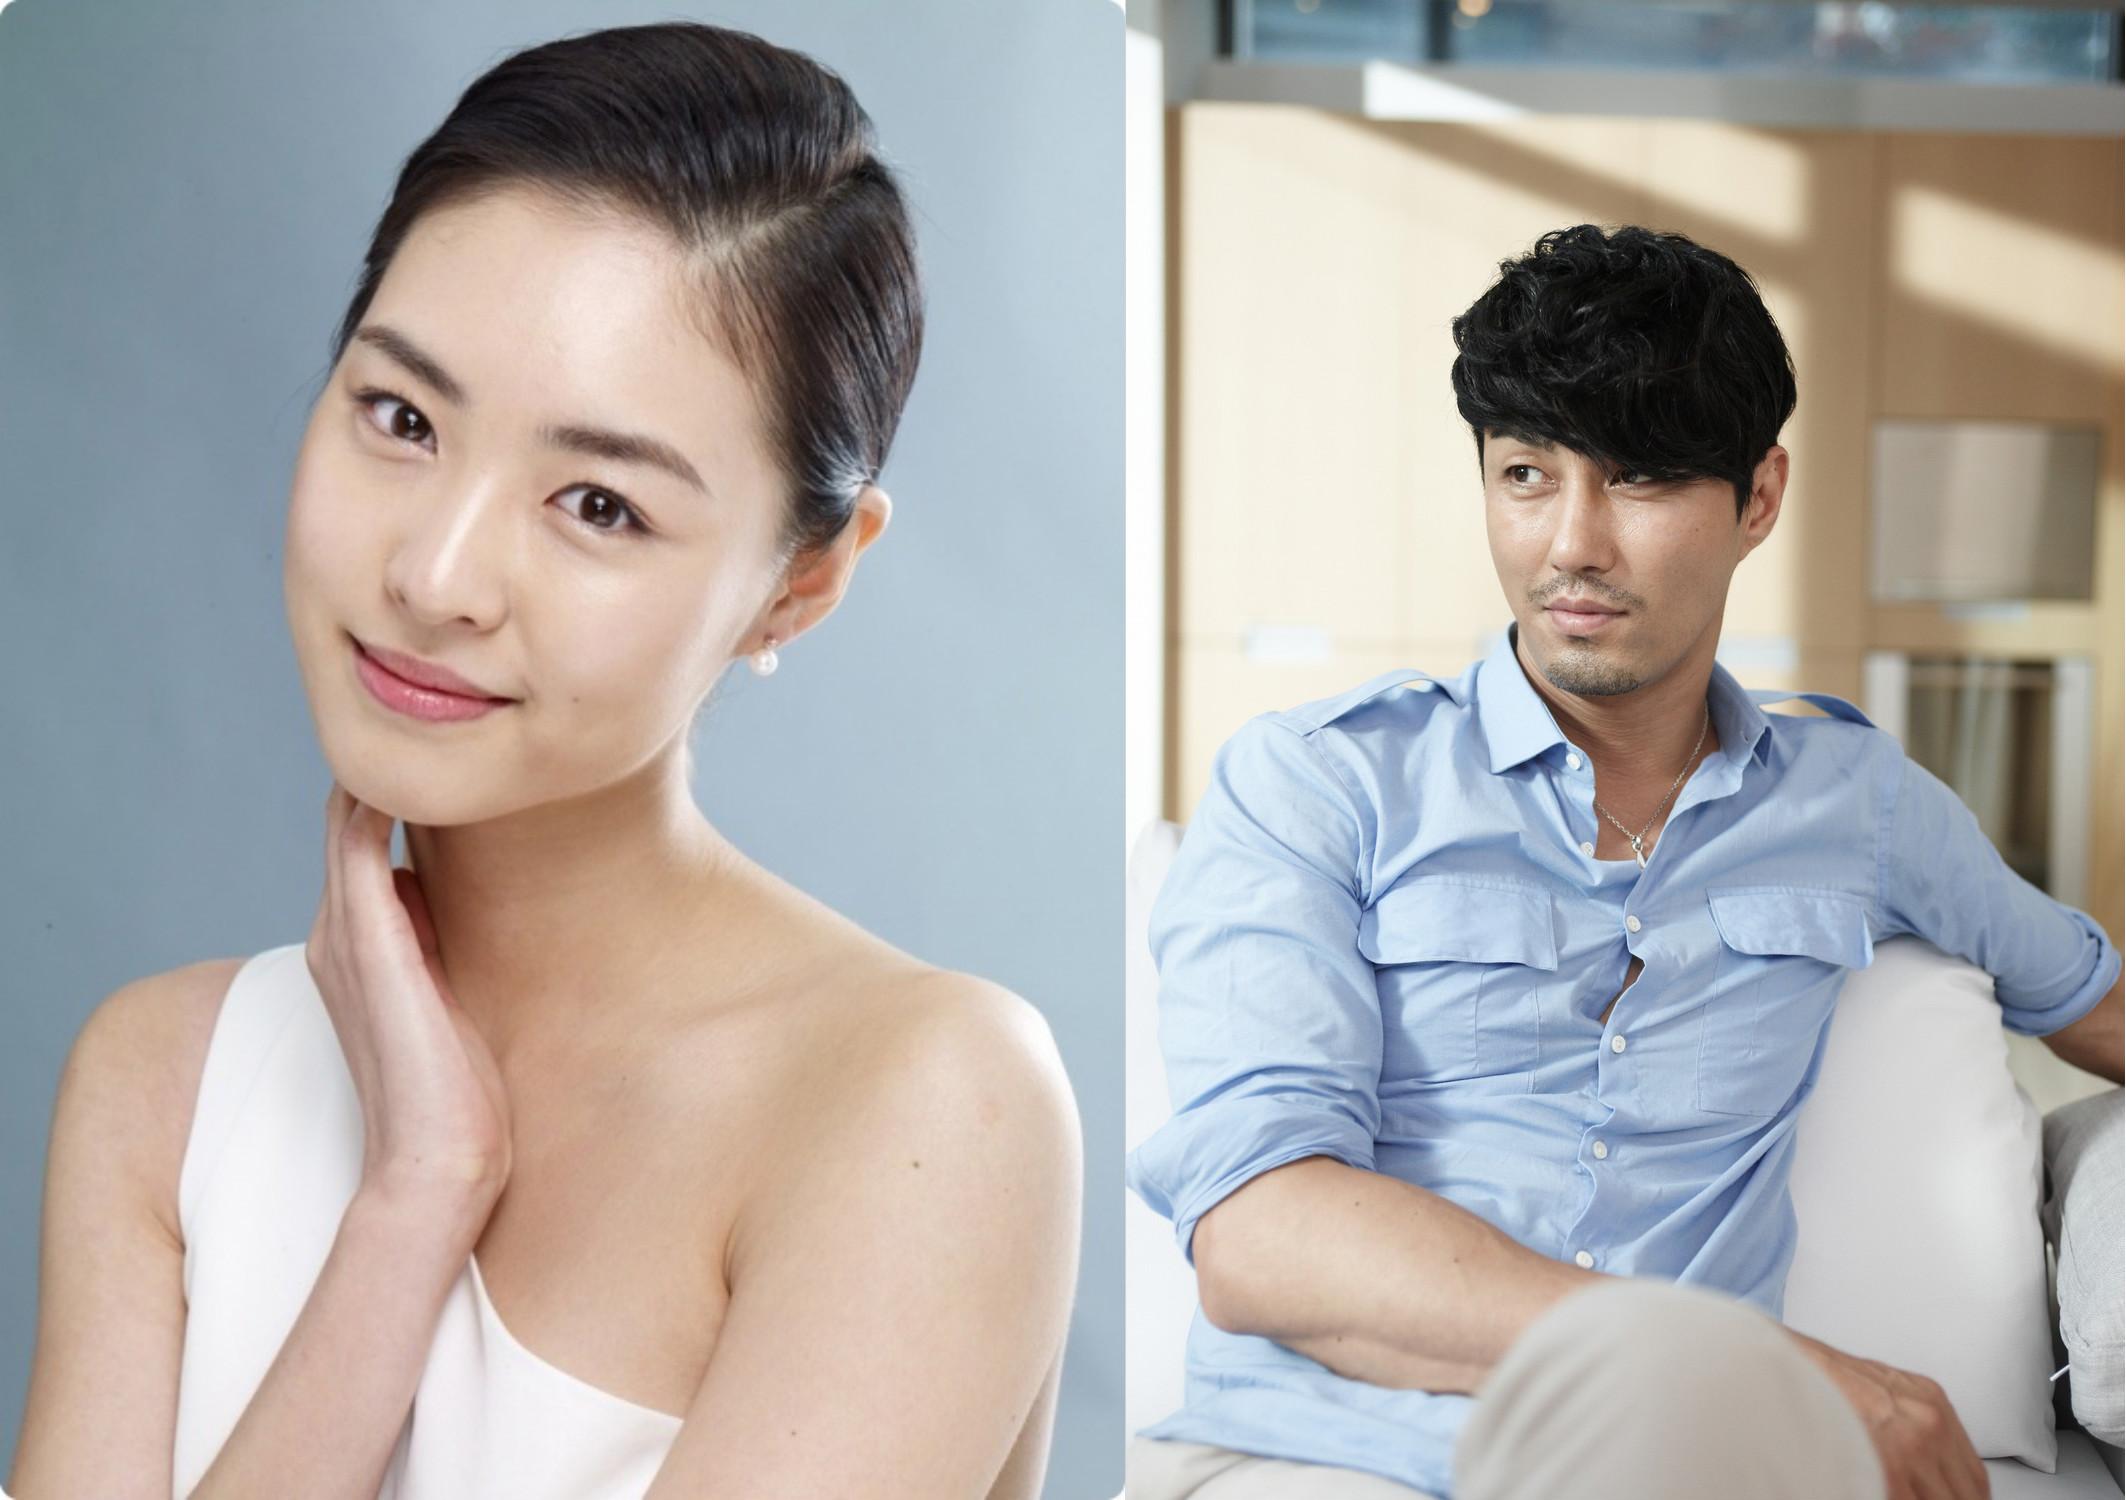 cha seung won lee yeon hee